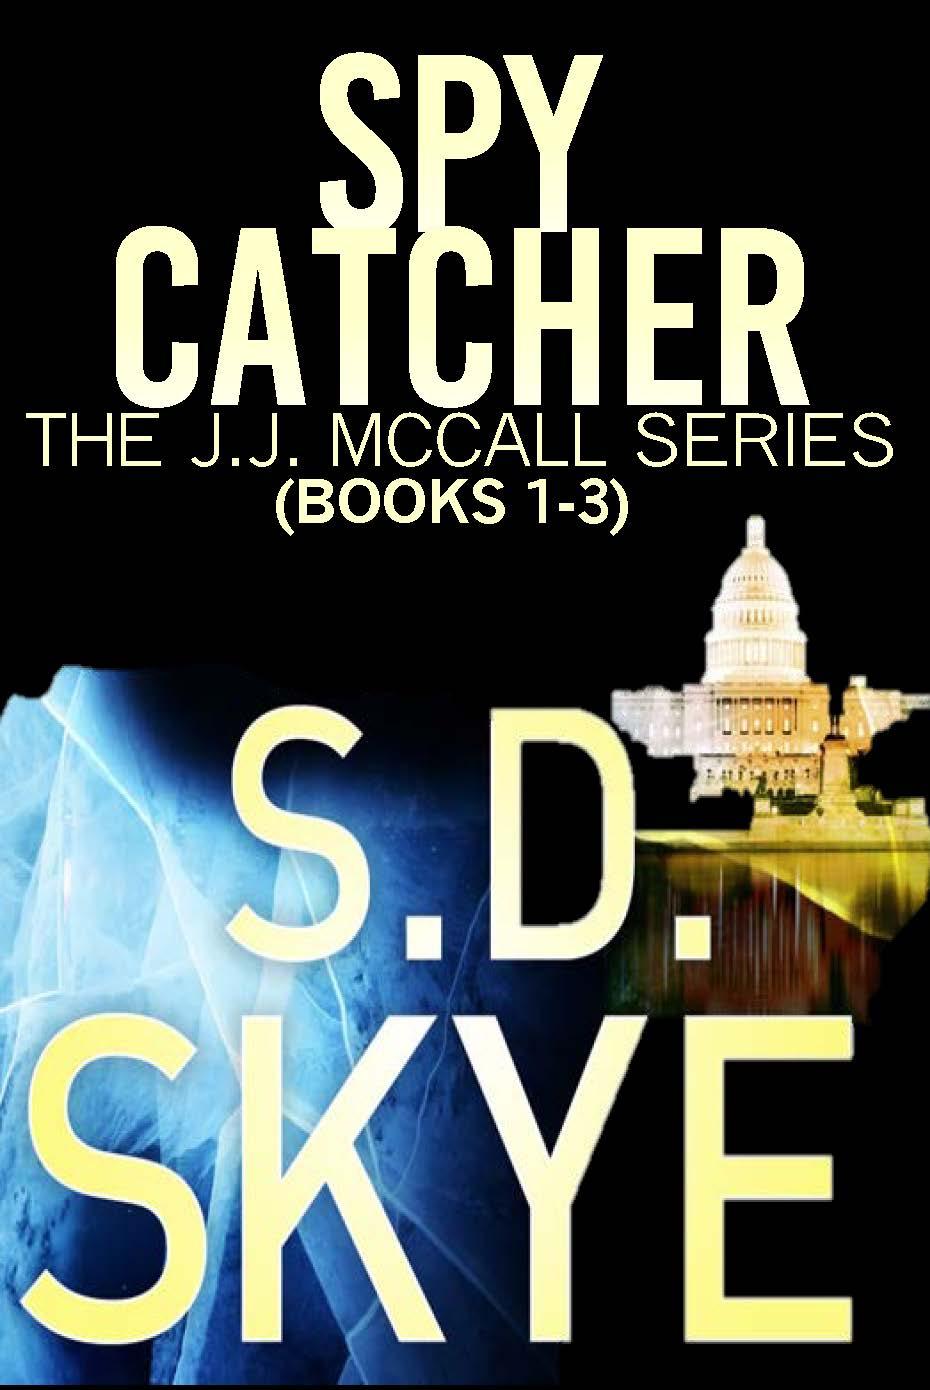 New SpyCatcher Cover-2